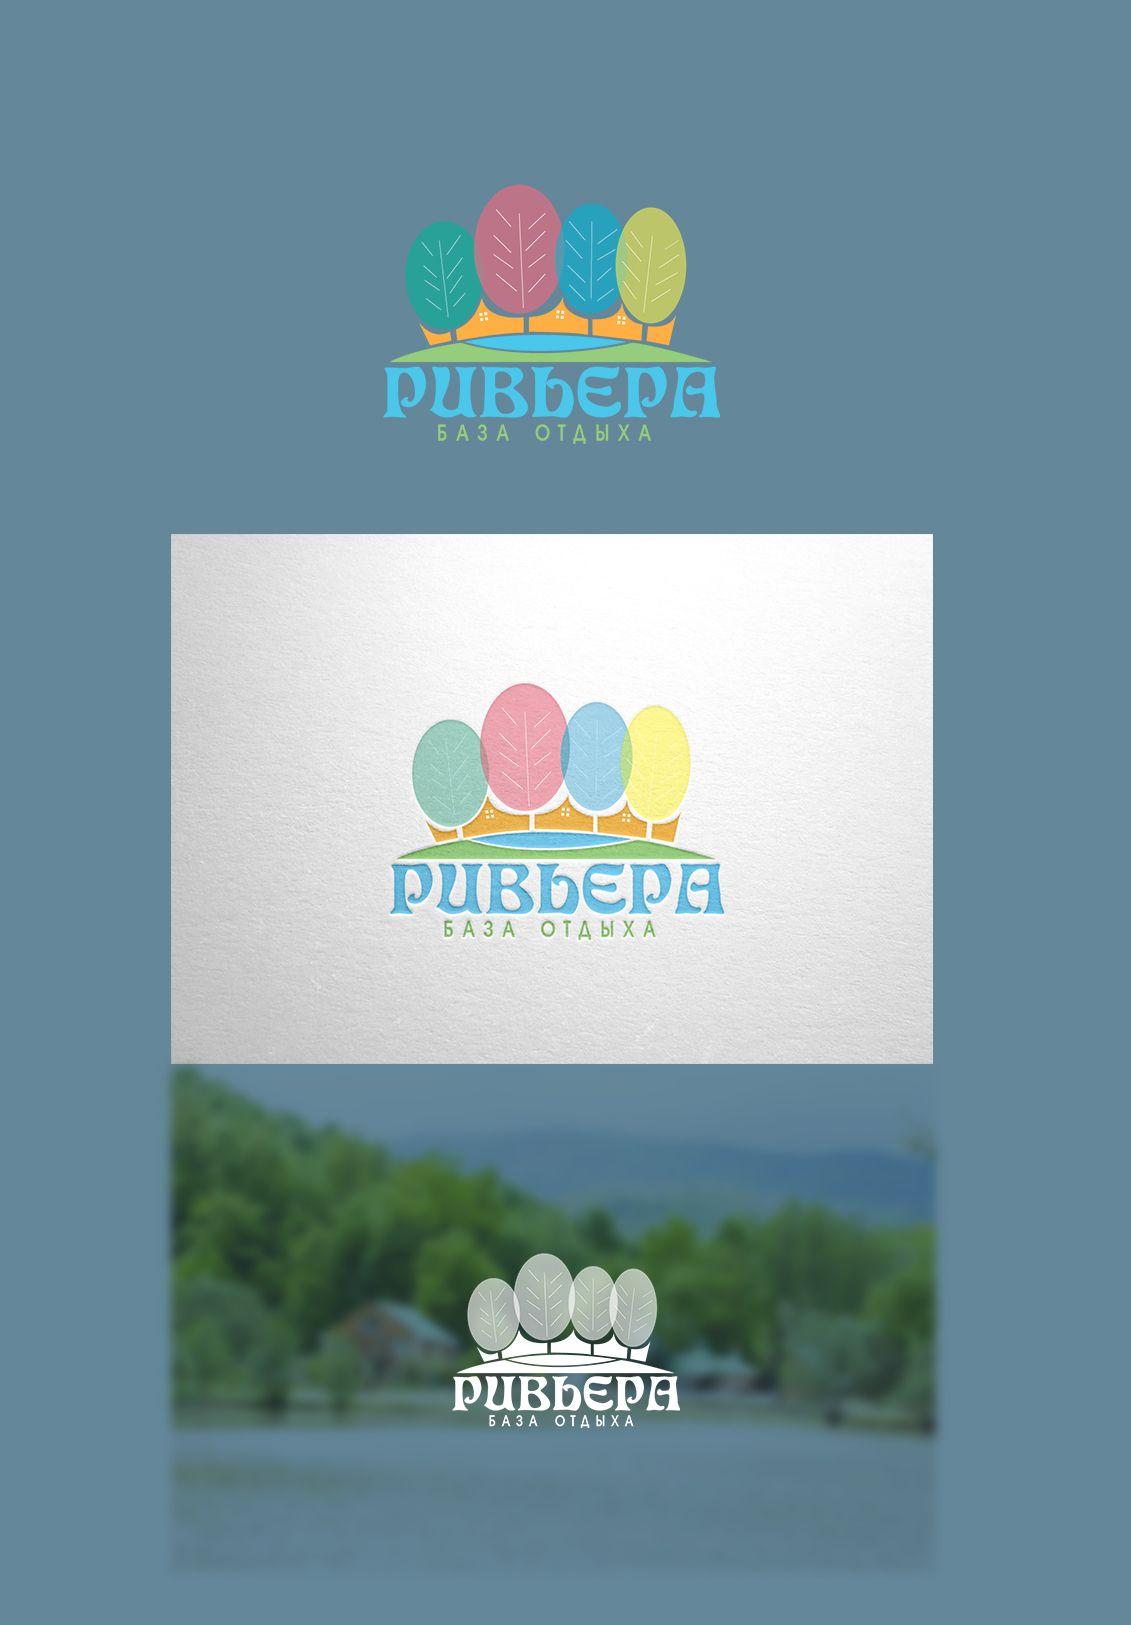 Логотип и фирменный стиль для базы отдыха  - дизайнер SmolinDenis